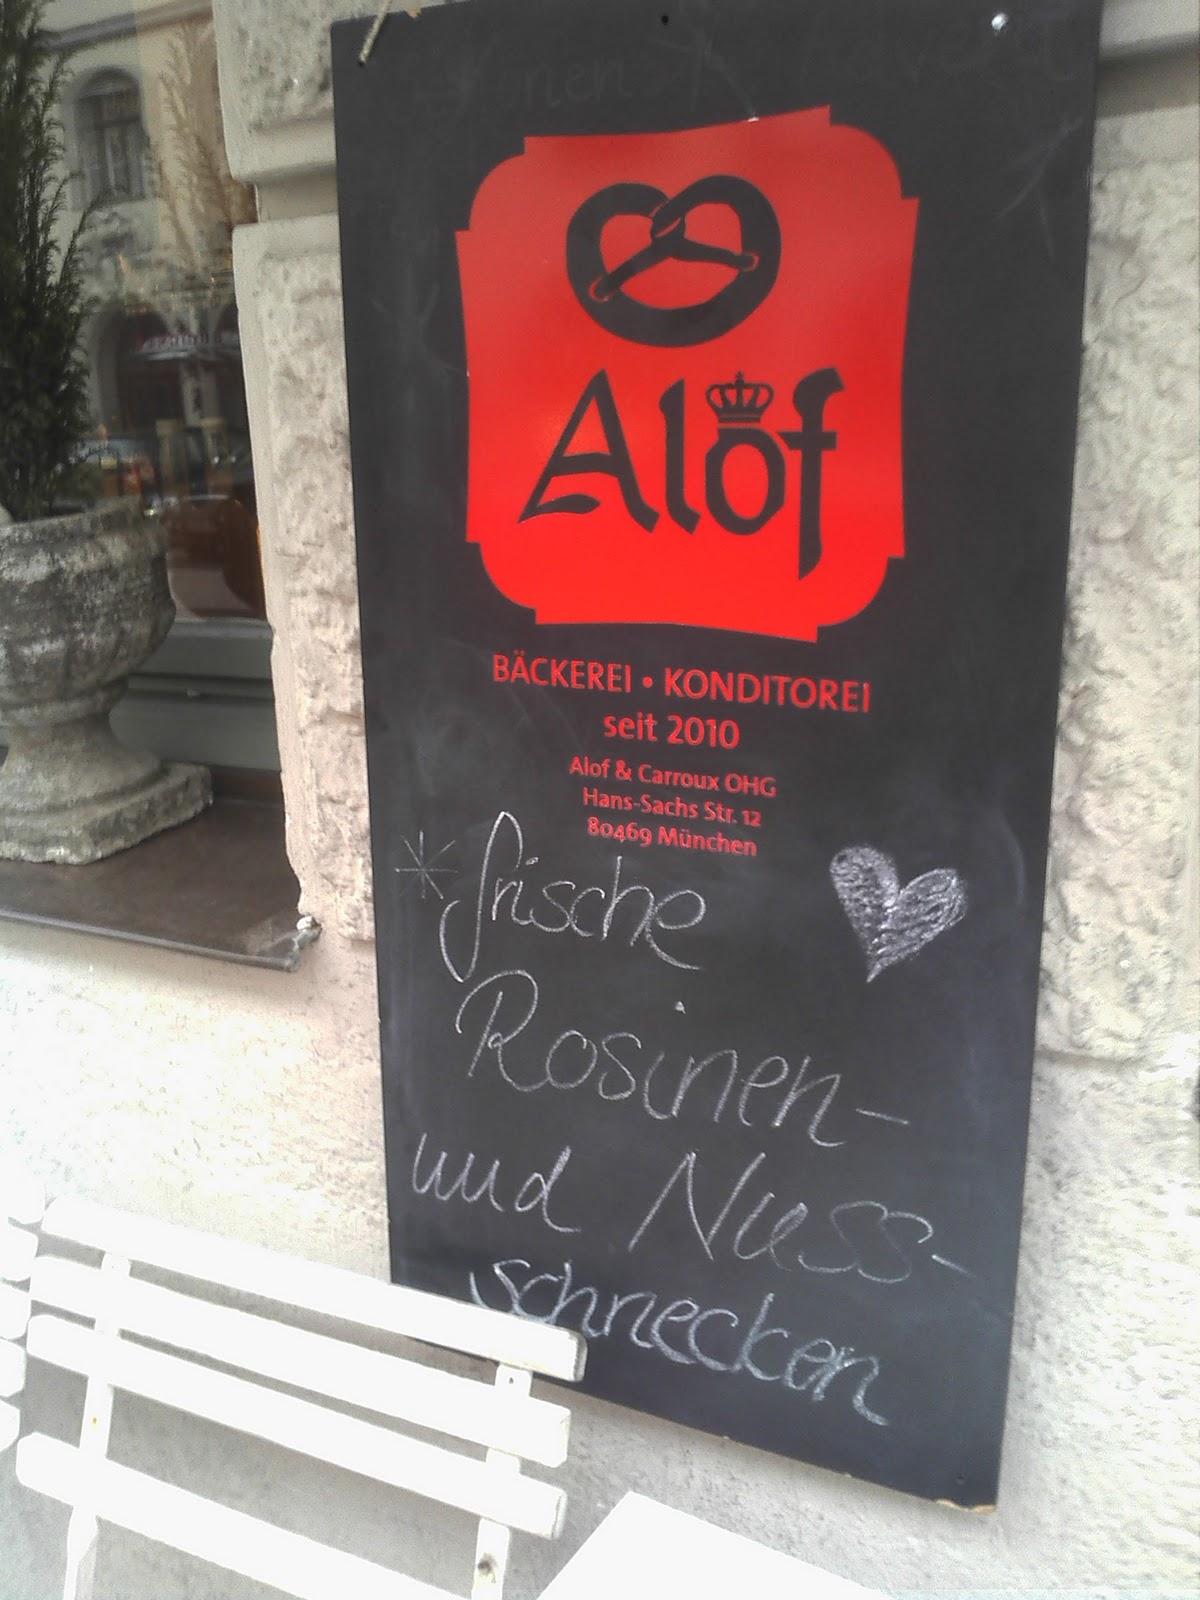 Verr ckt nach m nchen januar 2012 - Selbstgemachte holztische ...